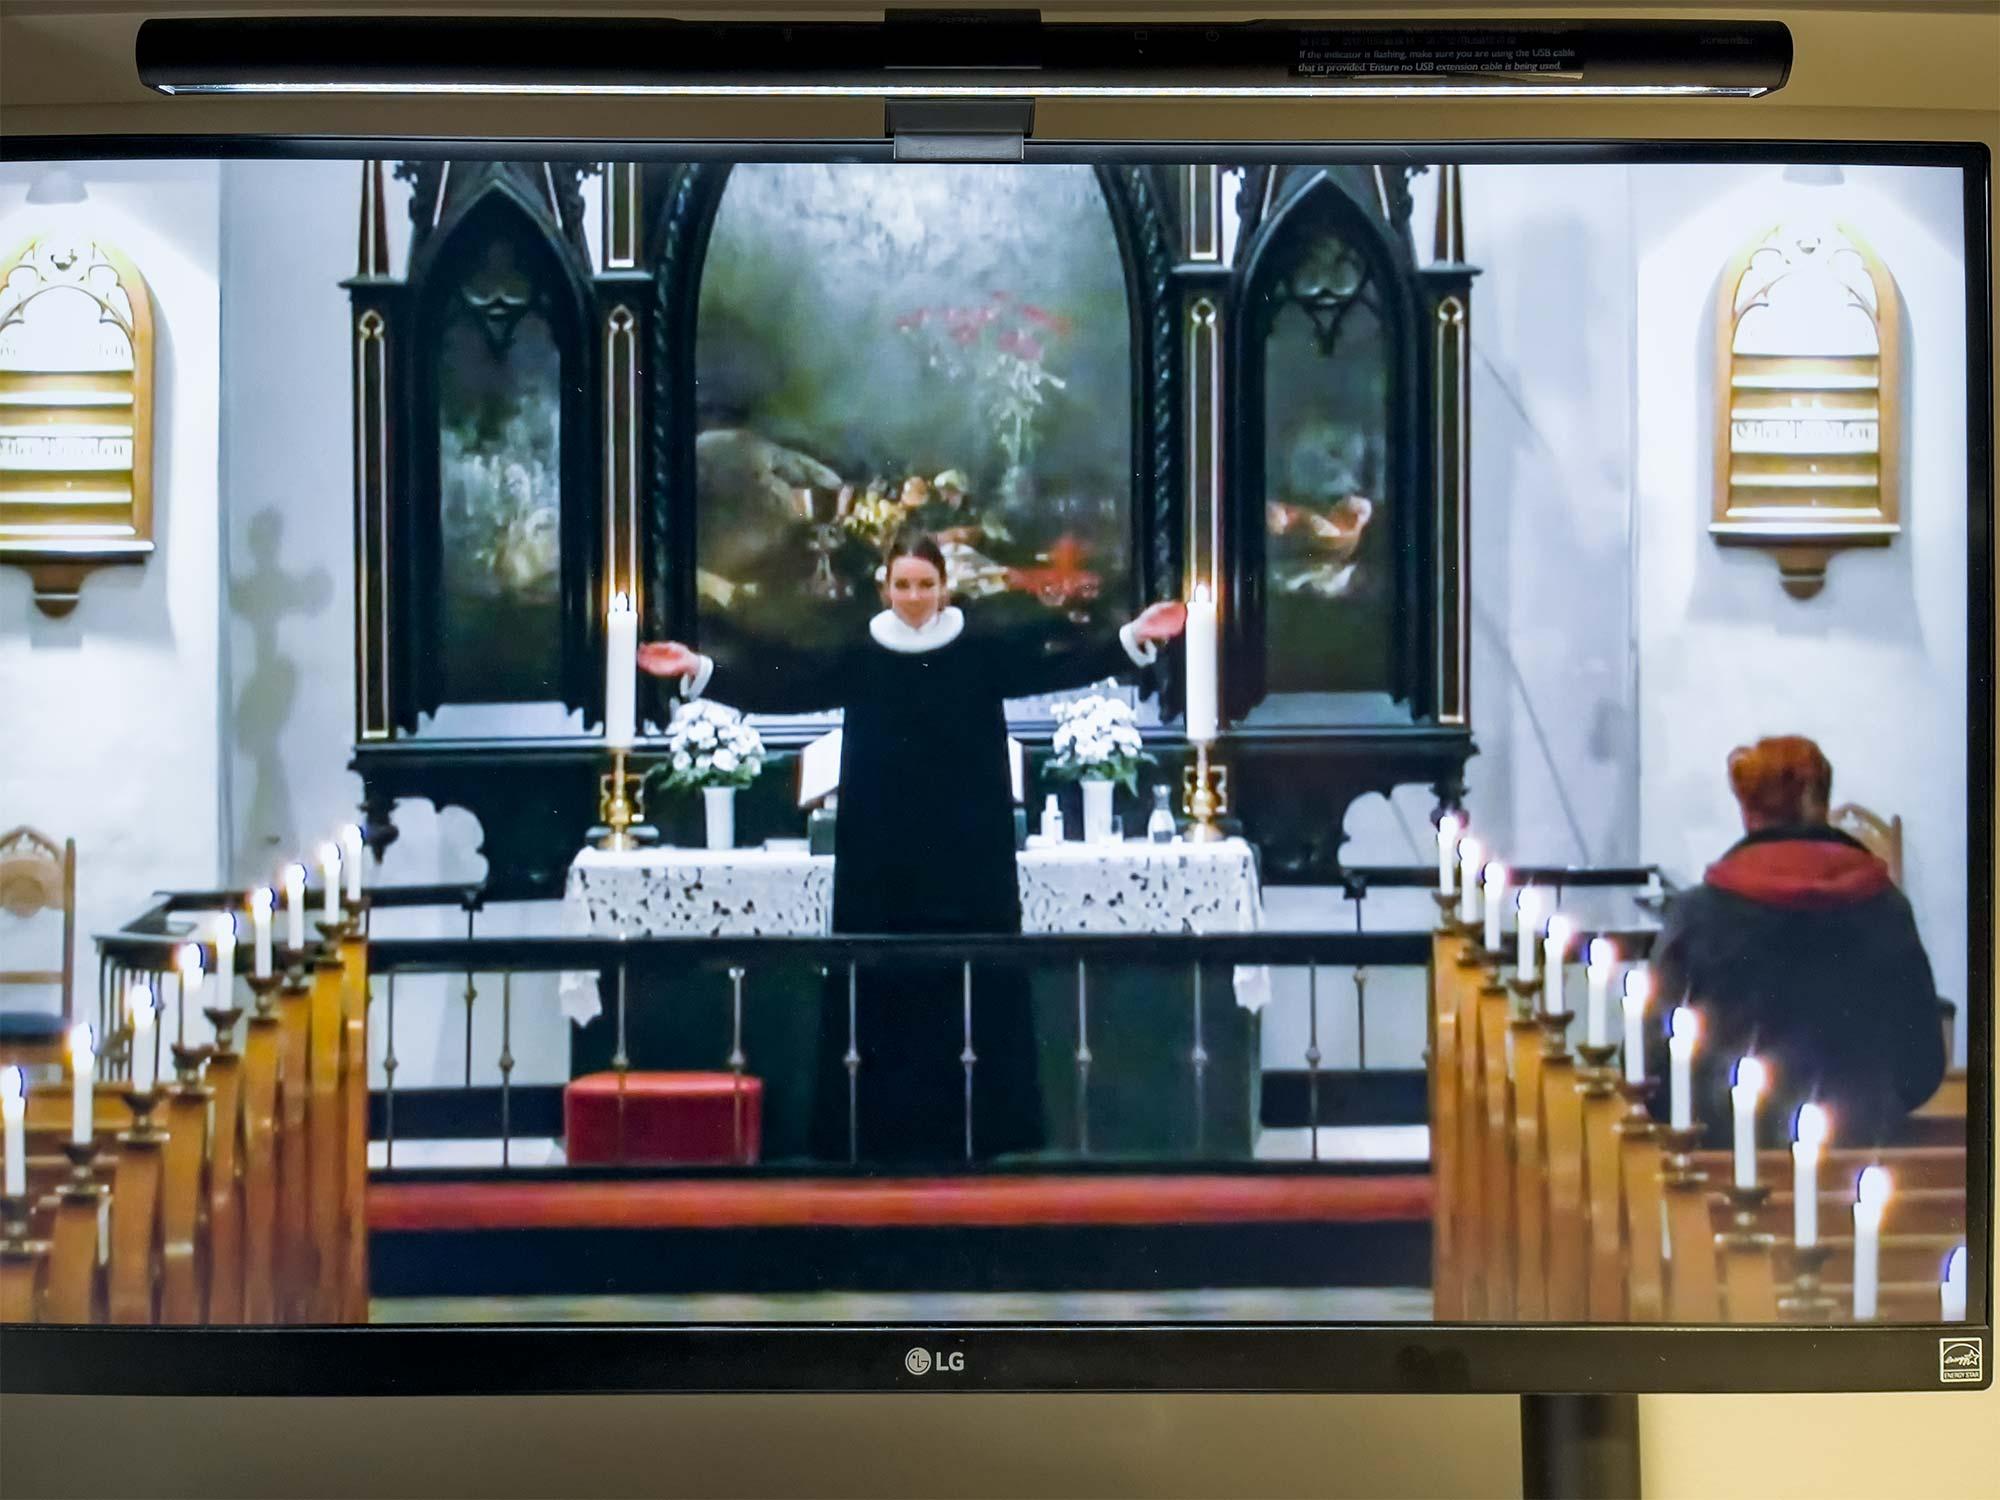 ... også Store Magleby Kirkes julegudstjeneste er online. Foto: TorbenStender.